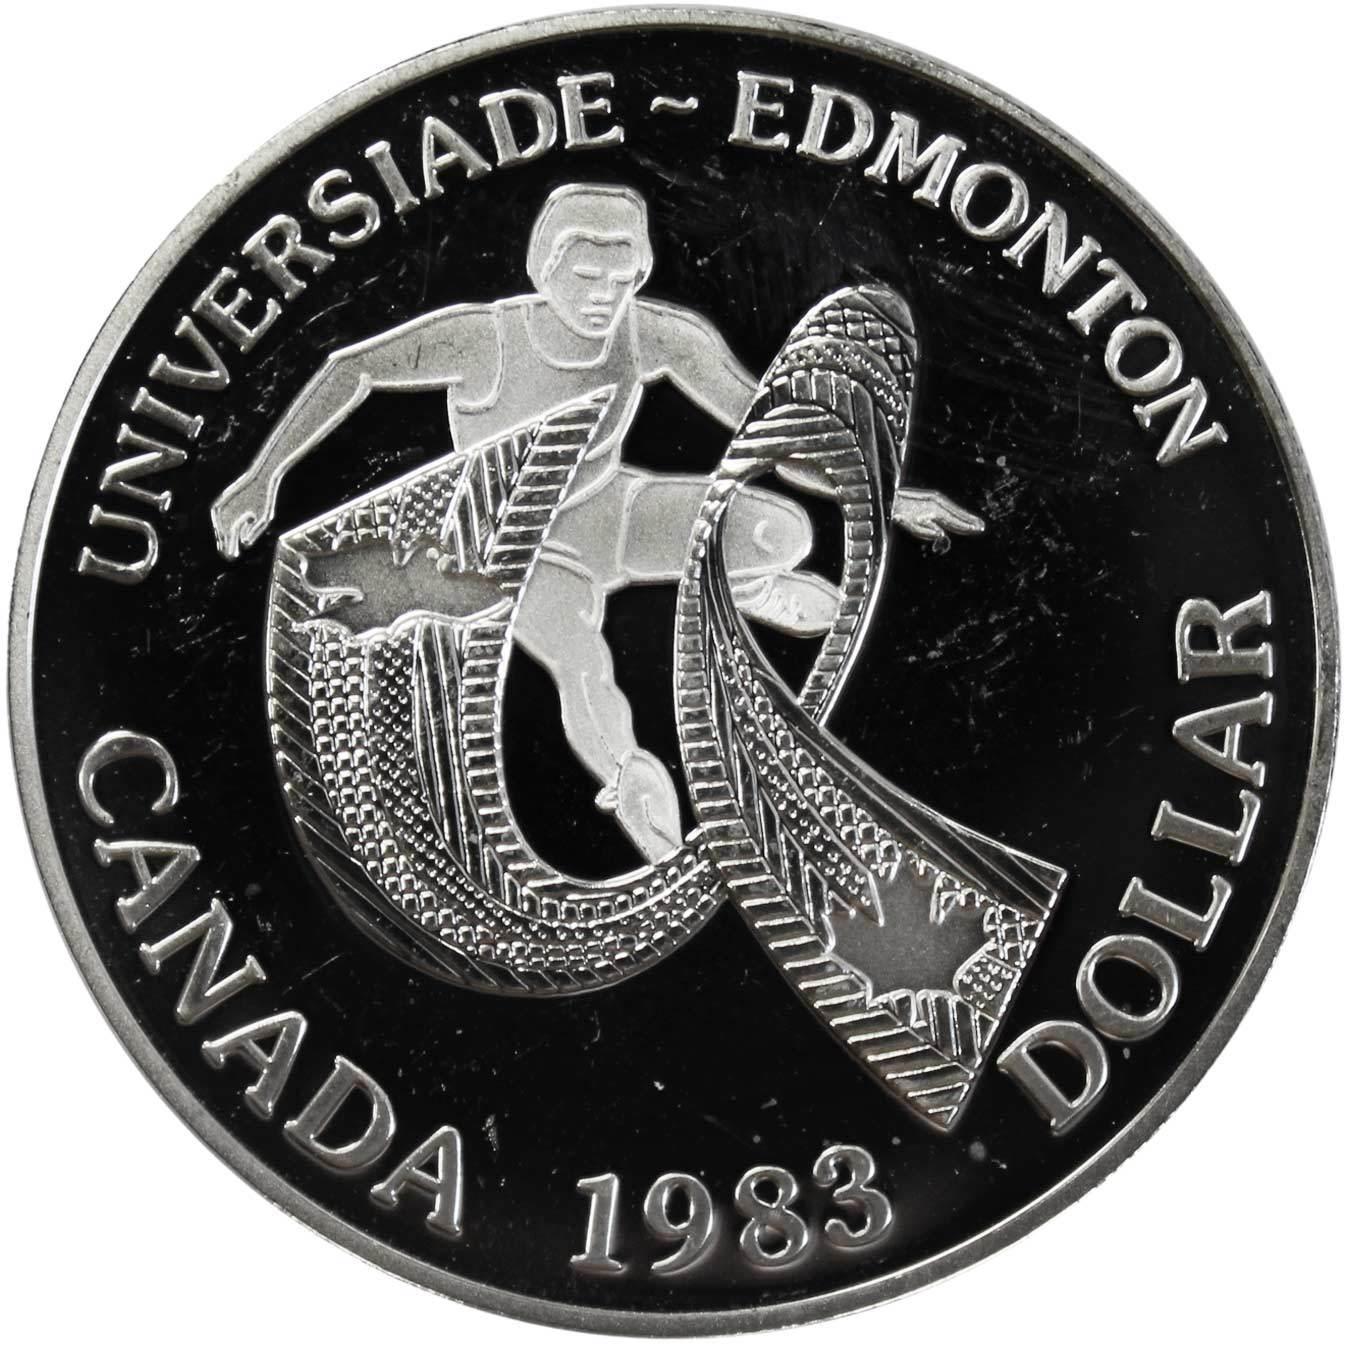 1 доллар. XII Универсиада в Эдмонтоне. Канада. Серебро. 1983 г. PROOF